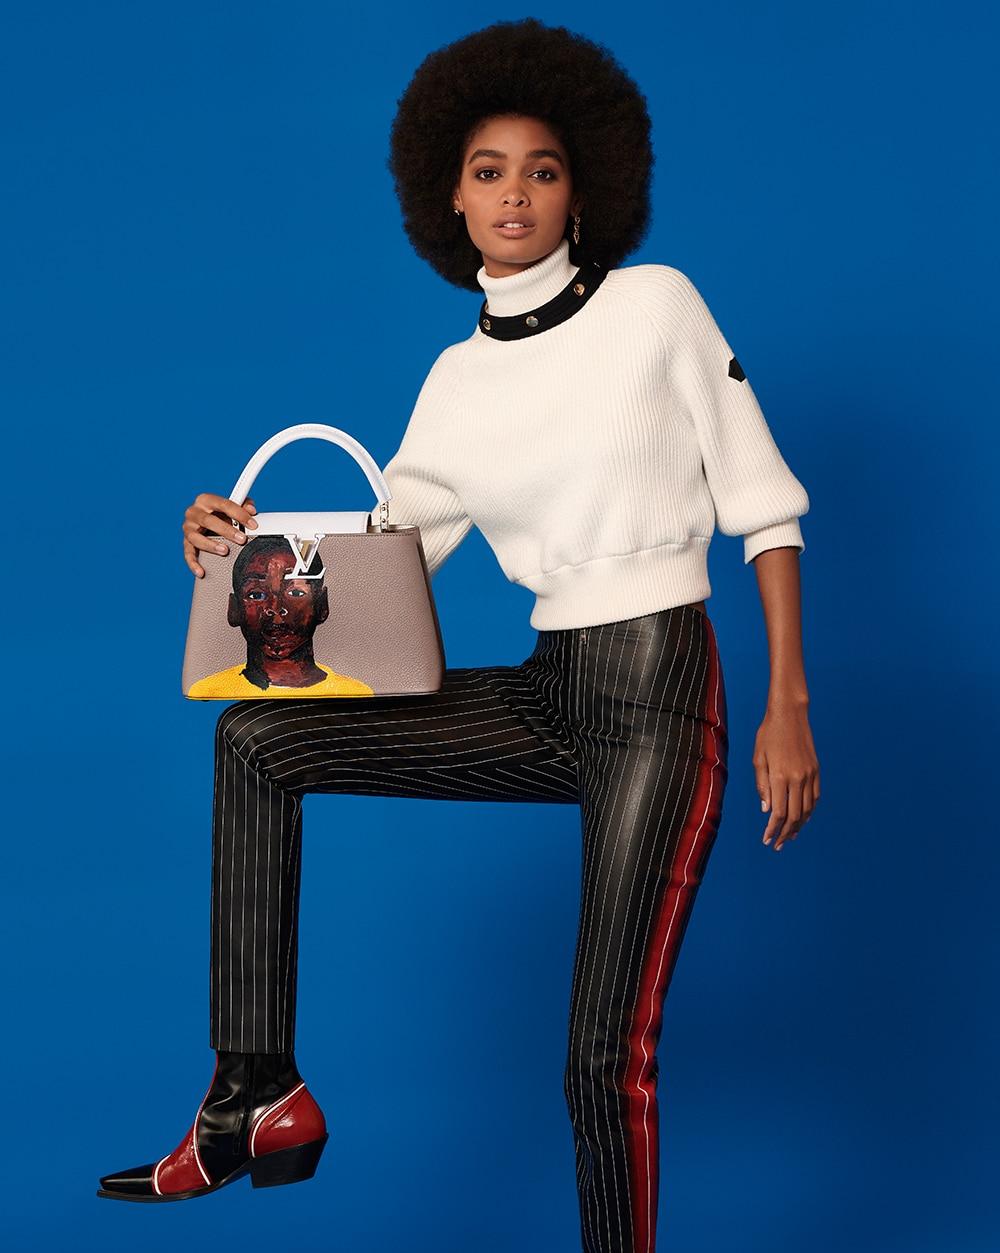 Artycapucines : Les six nouvelles métamorphoses de l'iconique sac Louis Vuitton Capucines